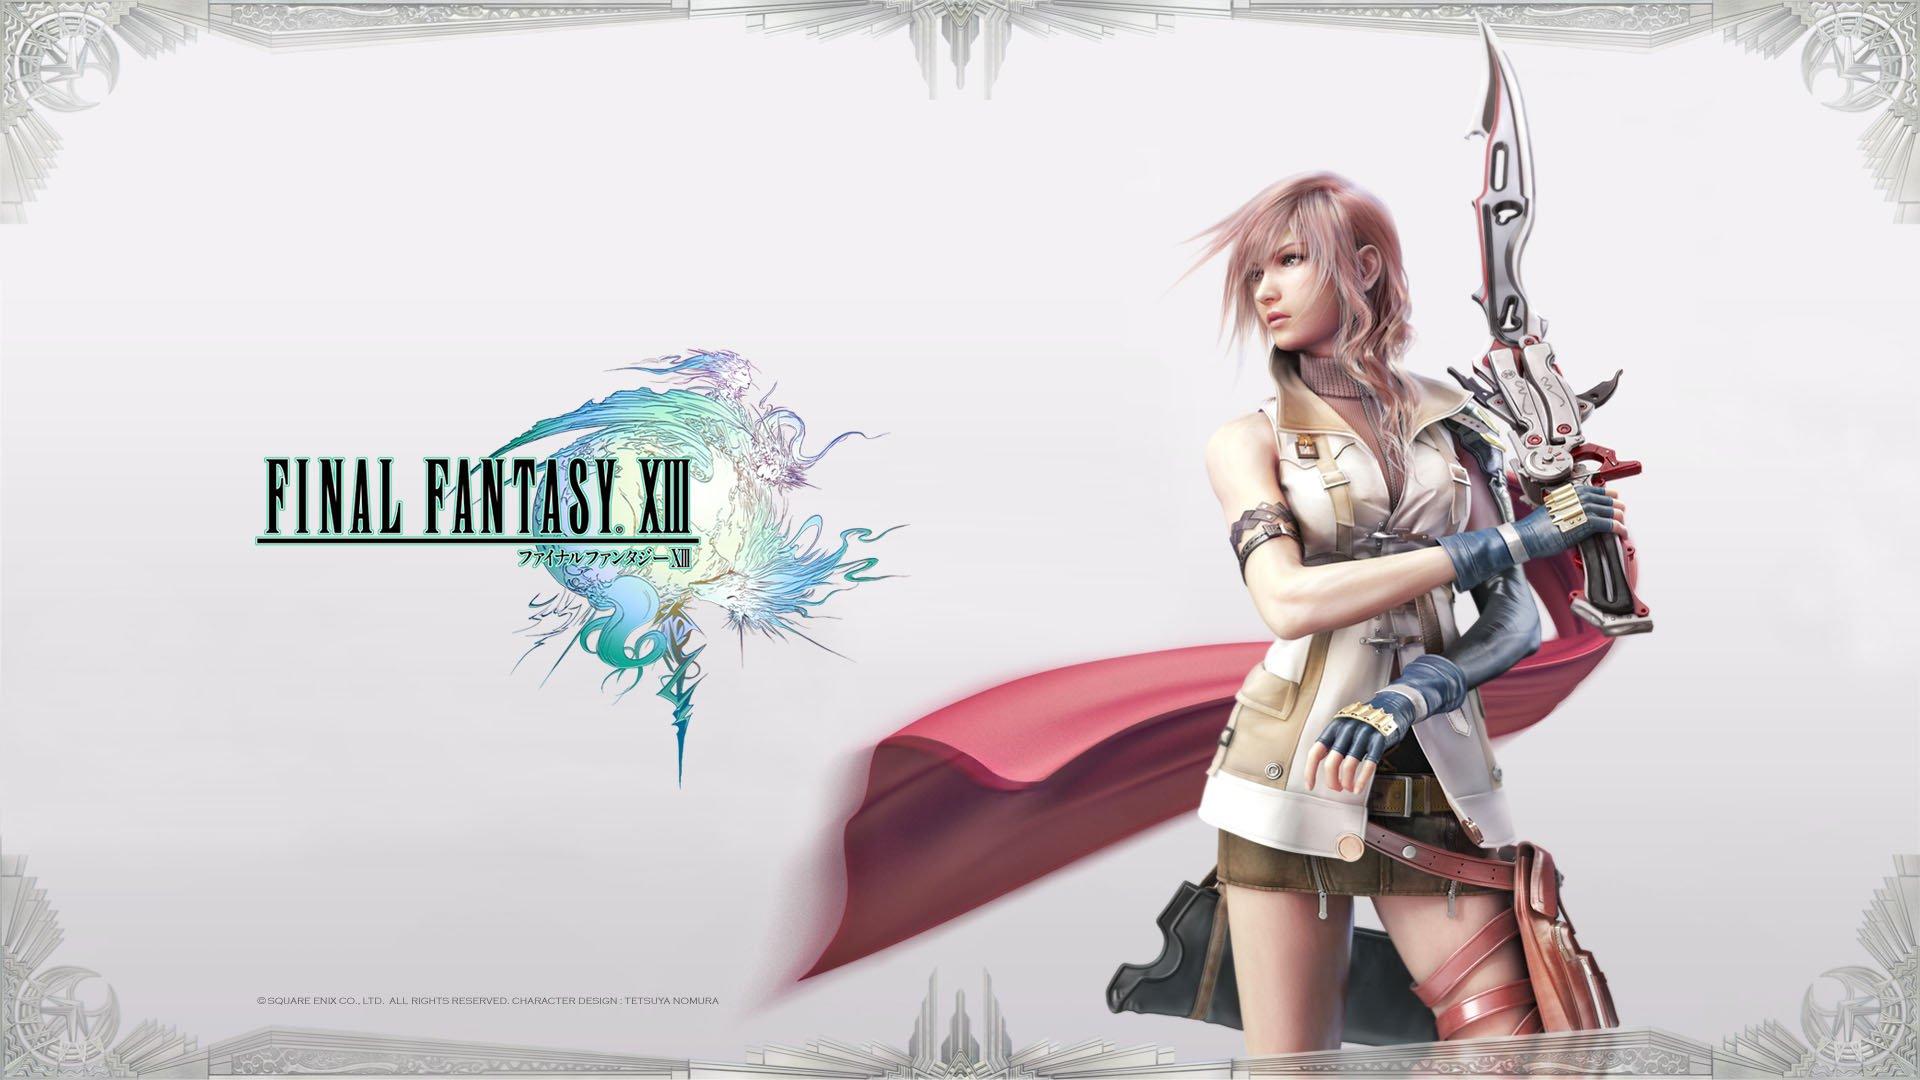 Final Fantasy XIII 9 октября в Steam - Изображение 1